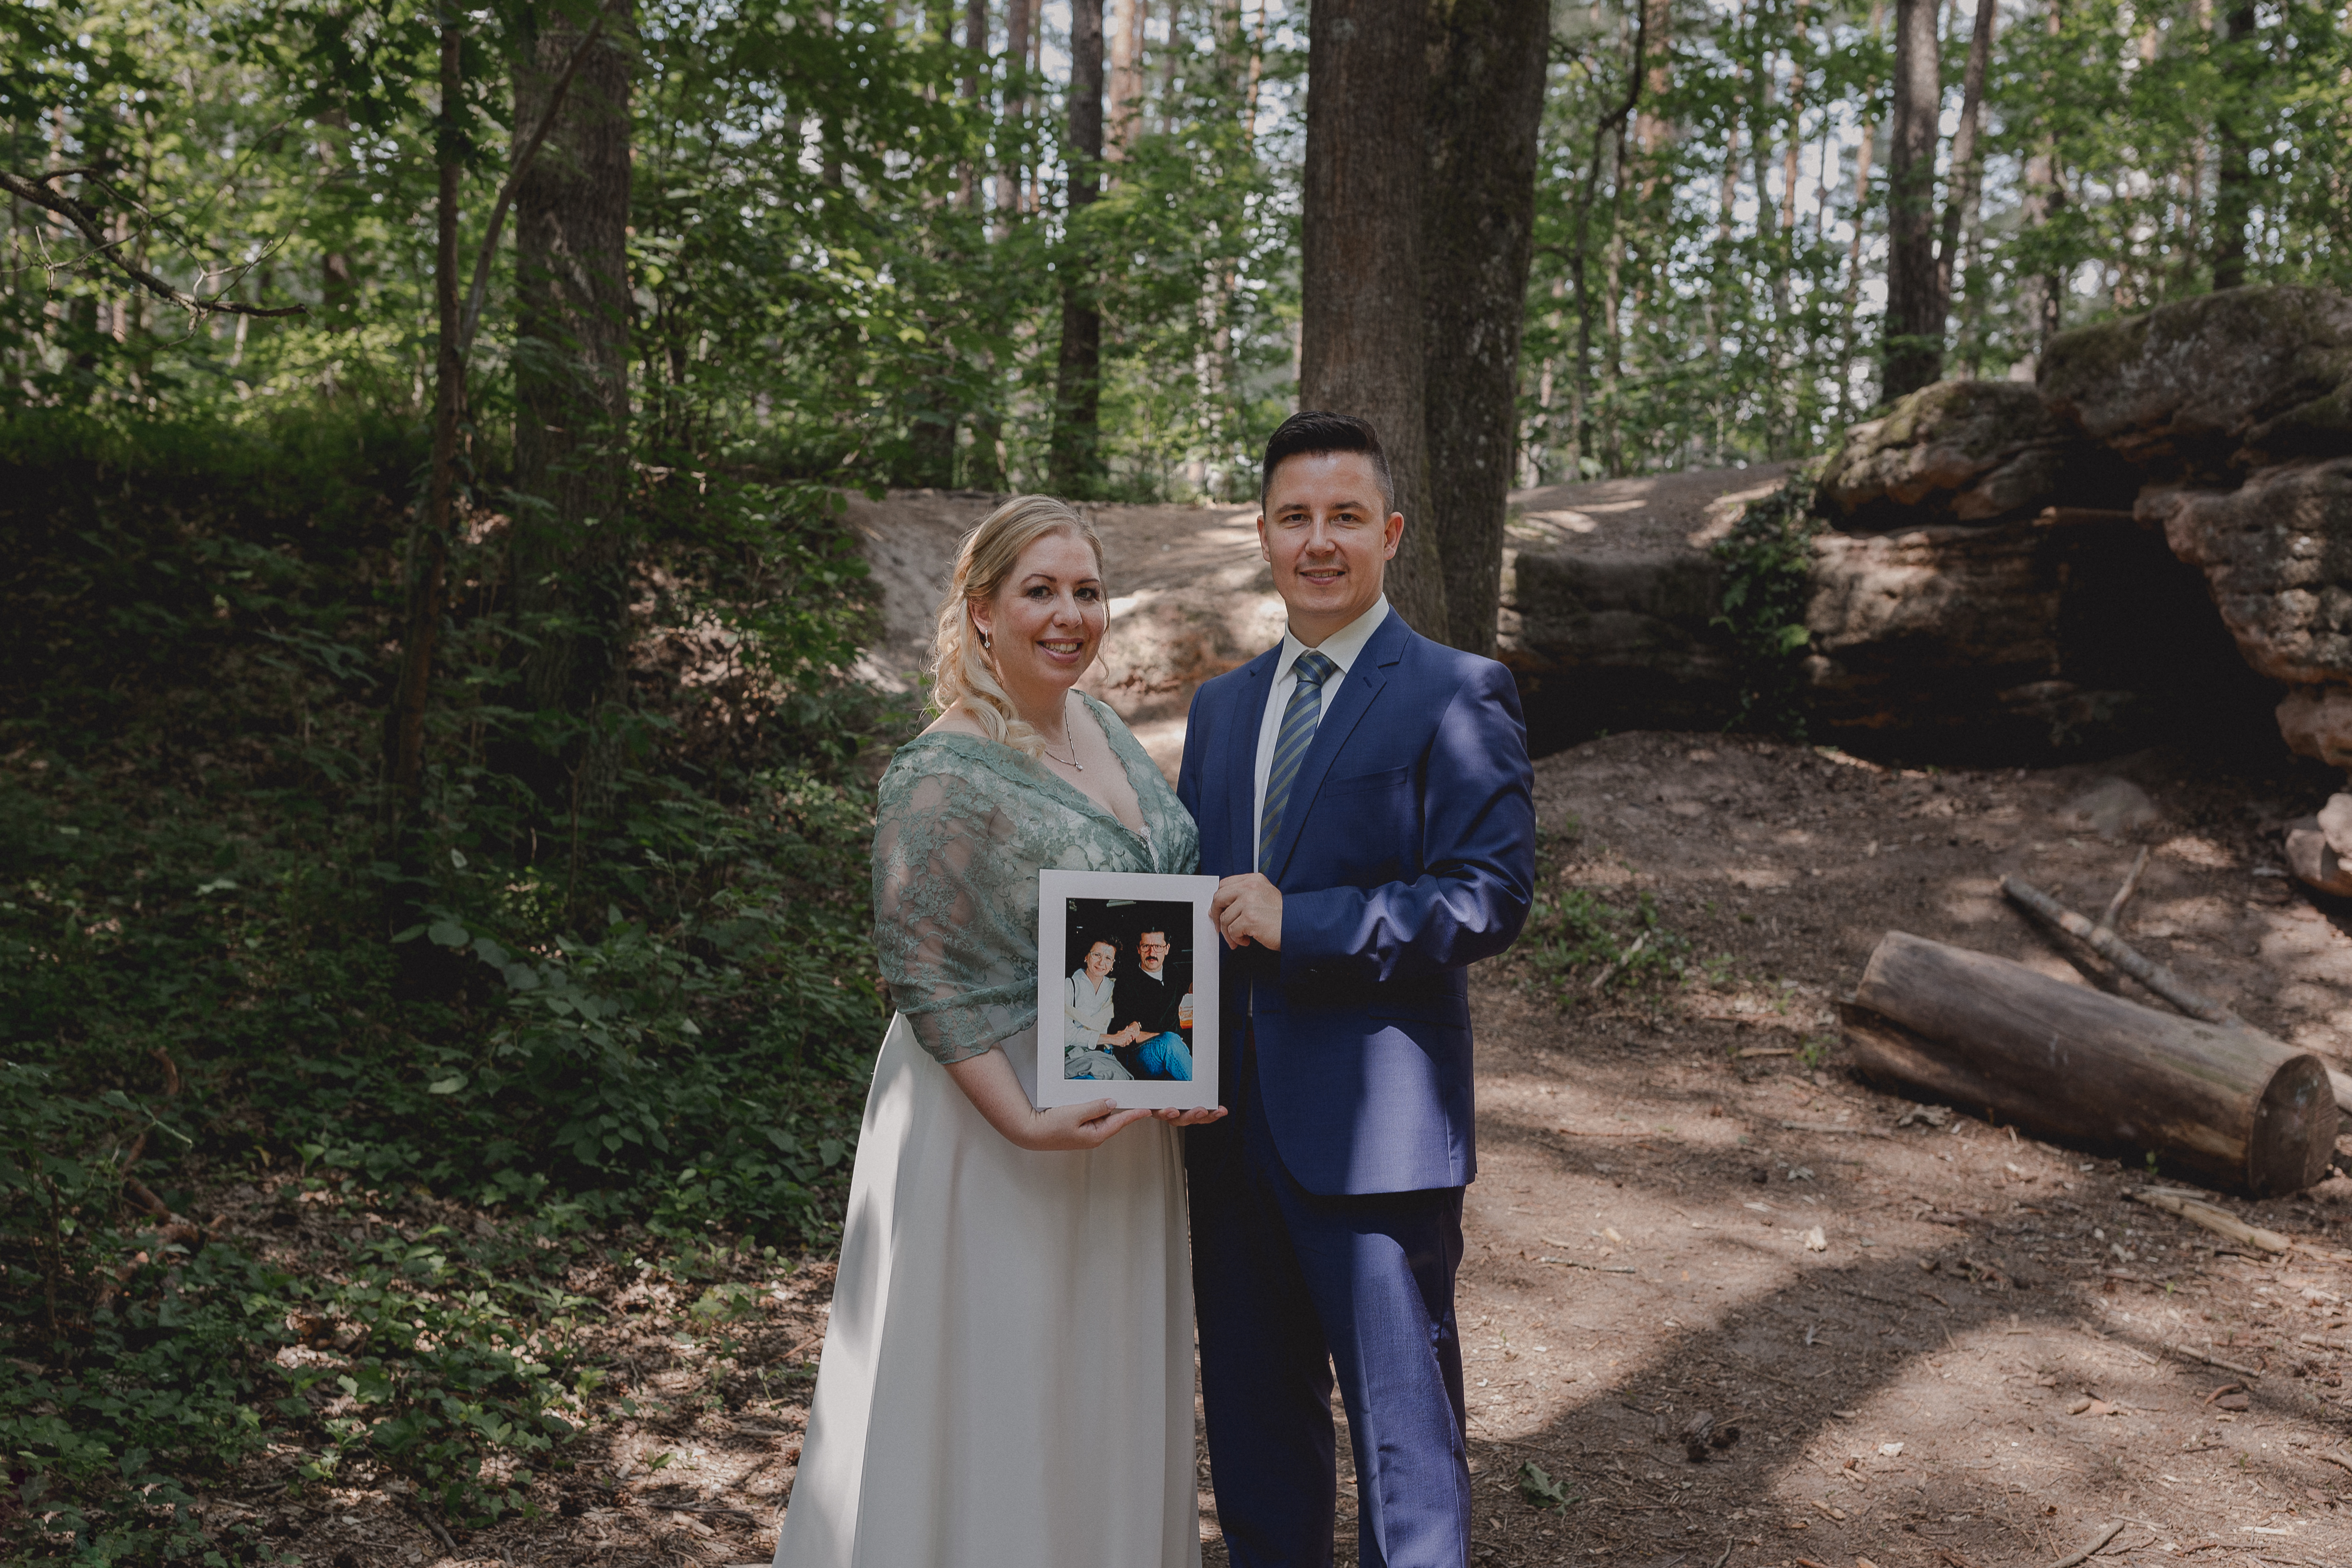 URBANERIE_Daniela_Goth_Hochzeitsfotografin_Nuernberg_Fuerth_Erlangen_180609_008100081